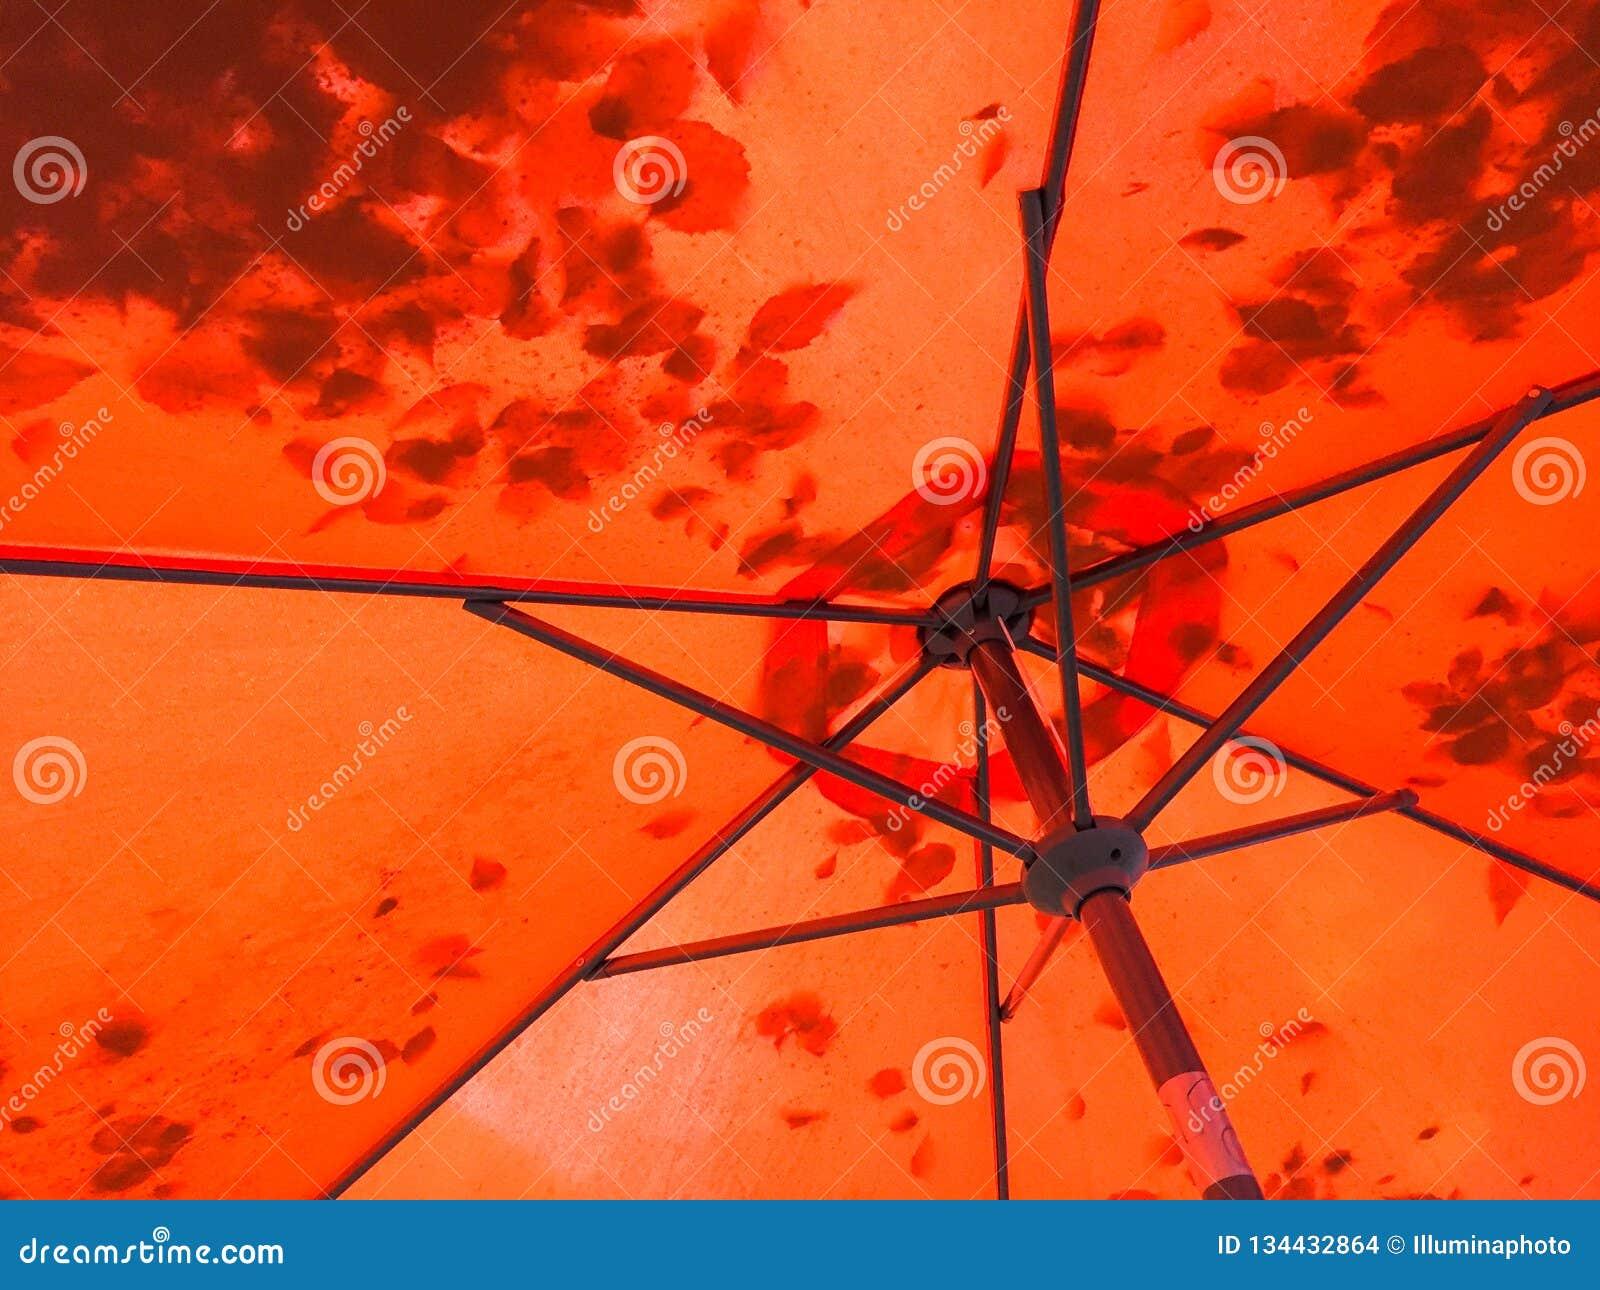 Σκιαγραφίες σκιών φύλλων μέσω μιας κόκκινης ομπρέλας patio